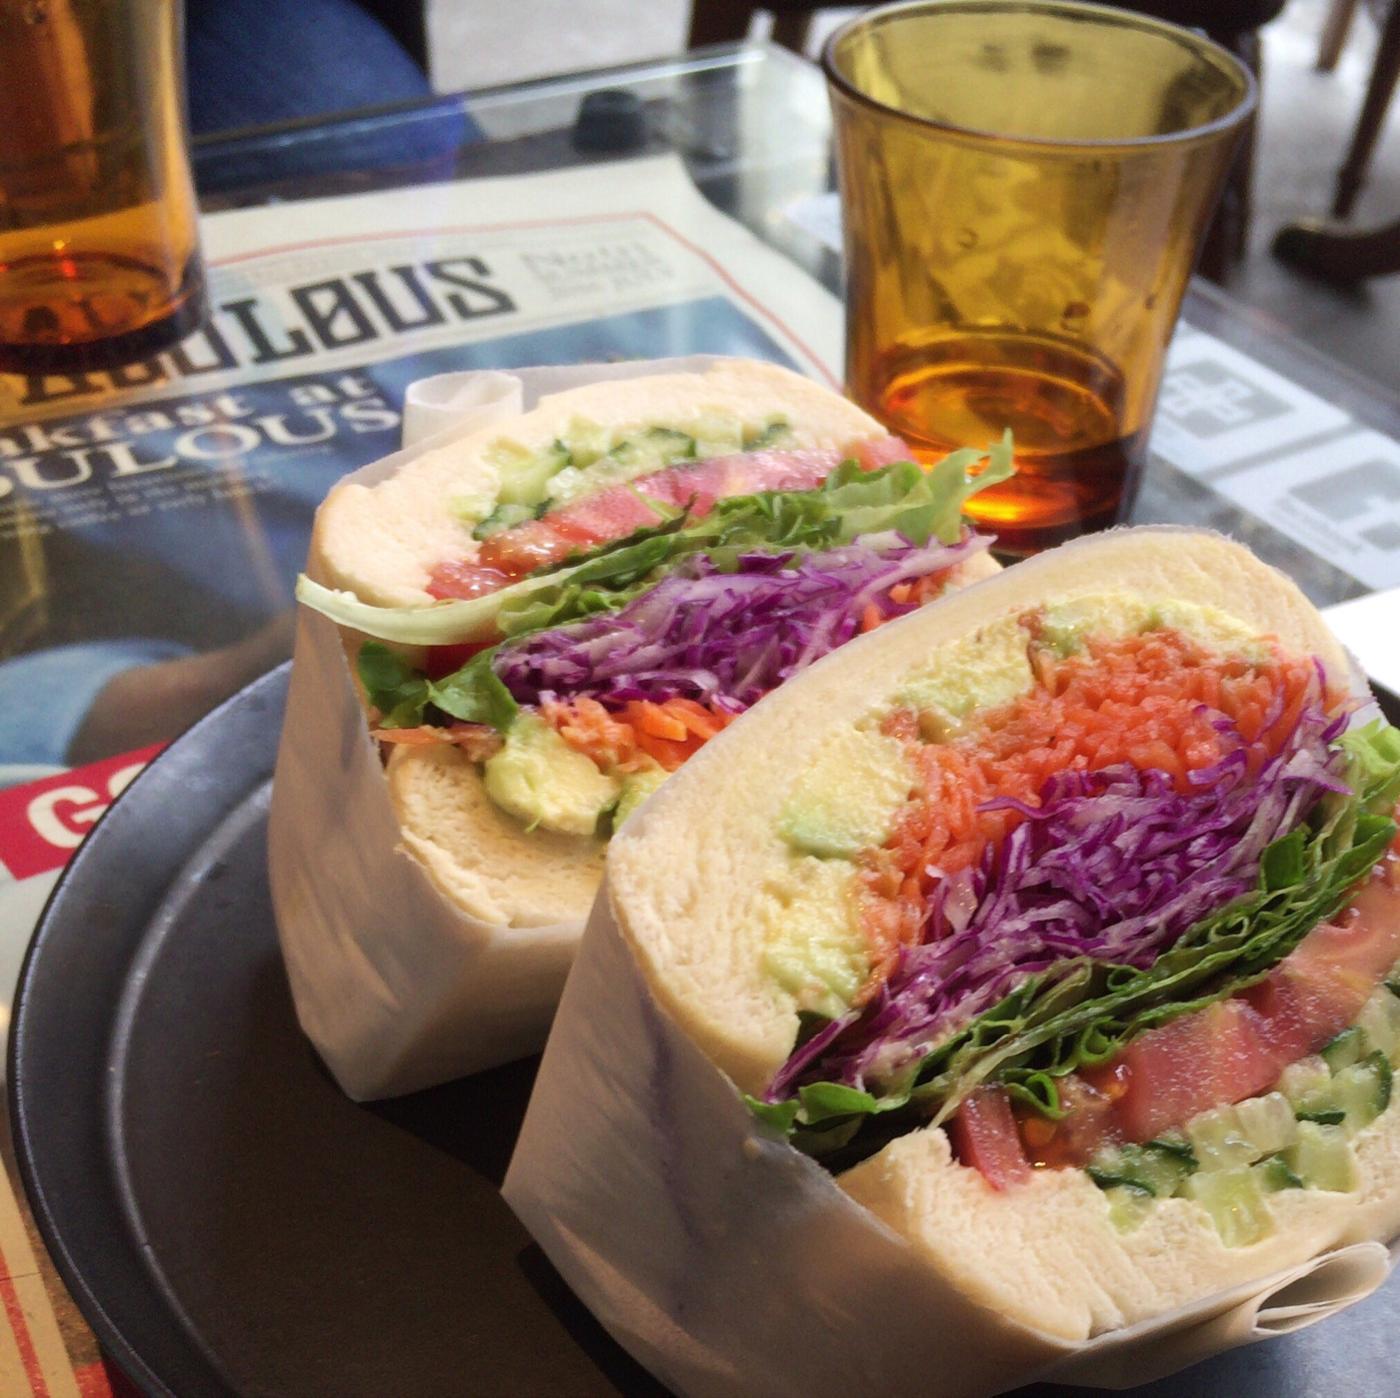 カフェ「FAbULOUS」 朝、大通公園を散策してファビュラスで朝食って、札幌のツウな楽しみ方かも。【札幌 バスセンター前 カフェ】